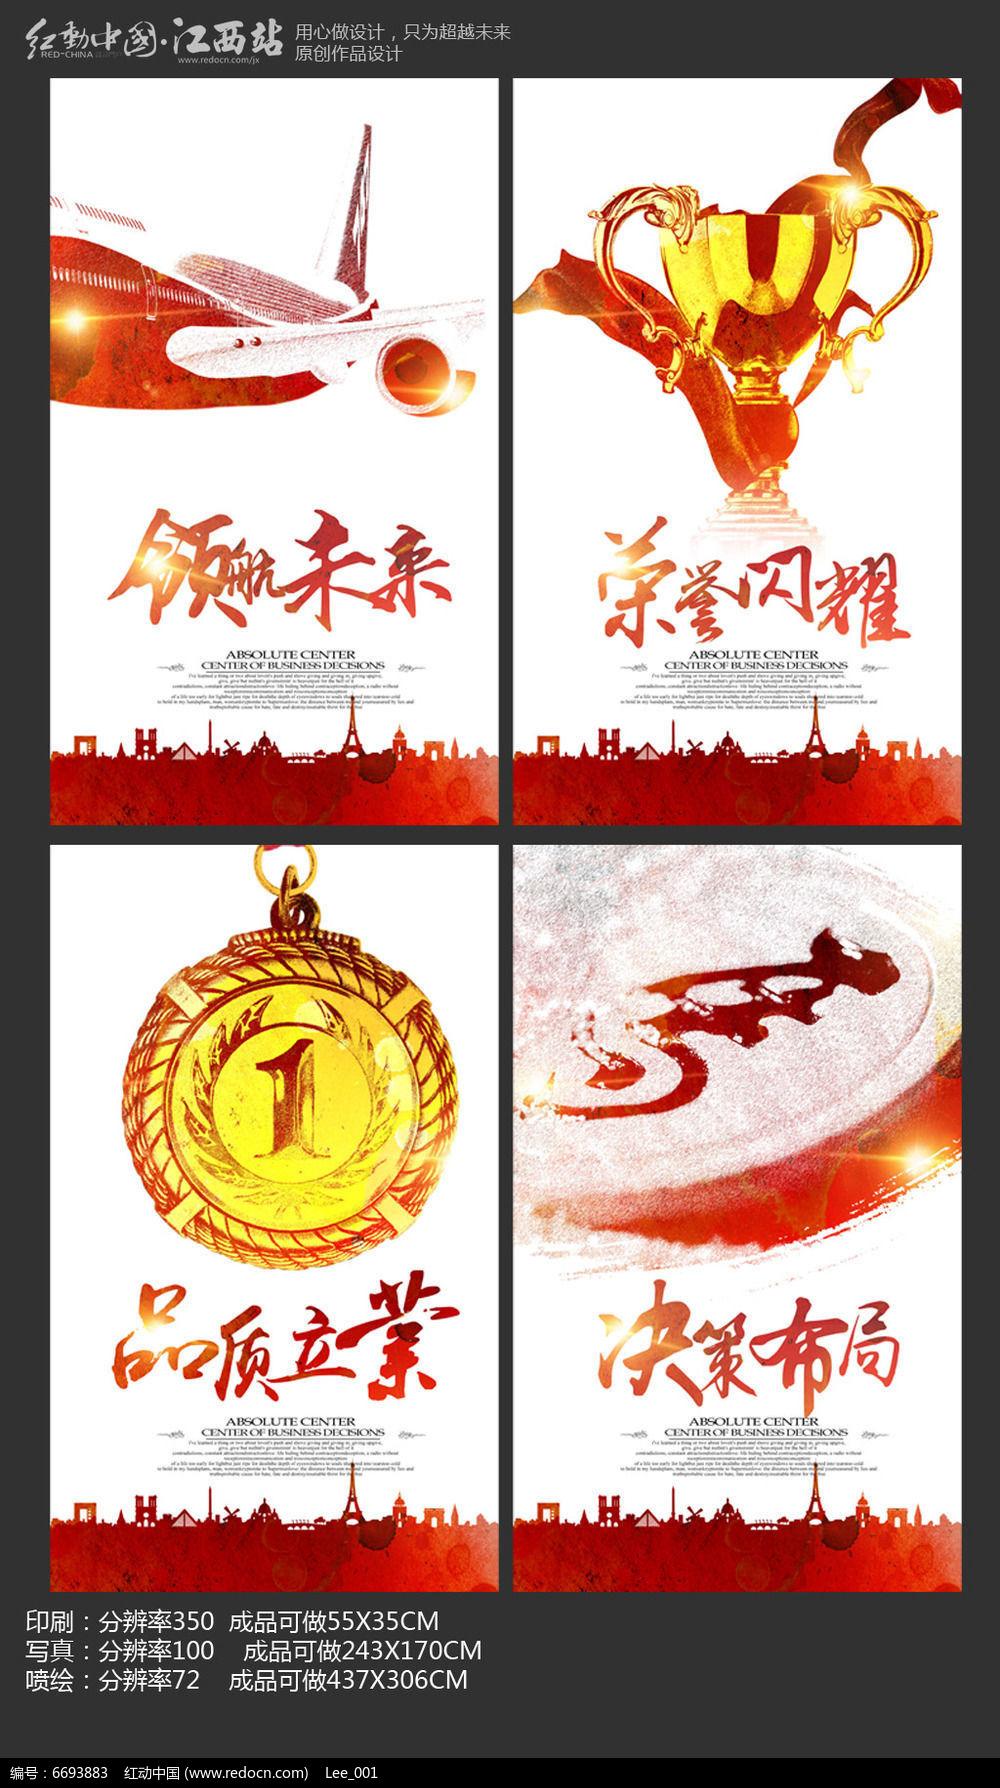 红色炫彩企业文化展板设计模板合集图片